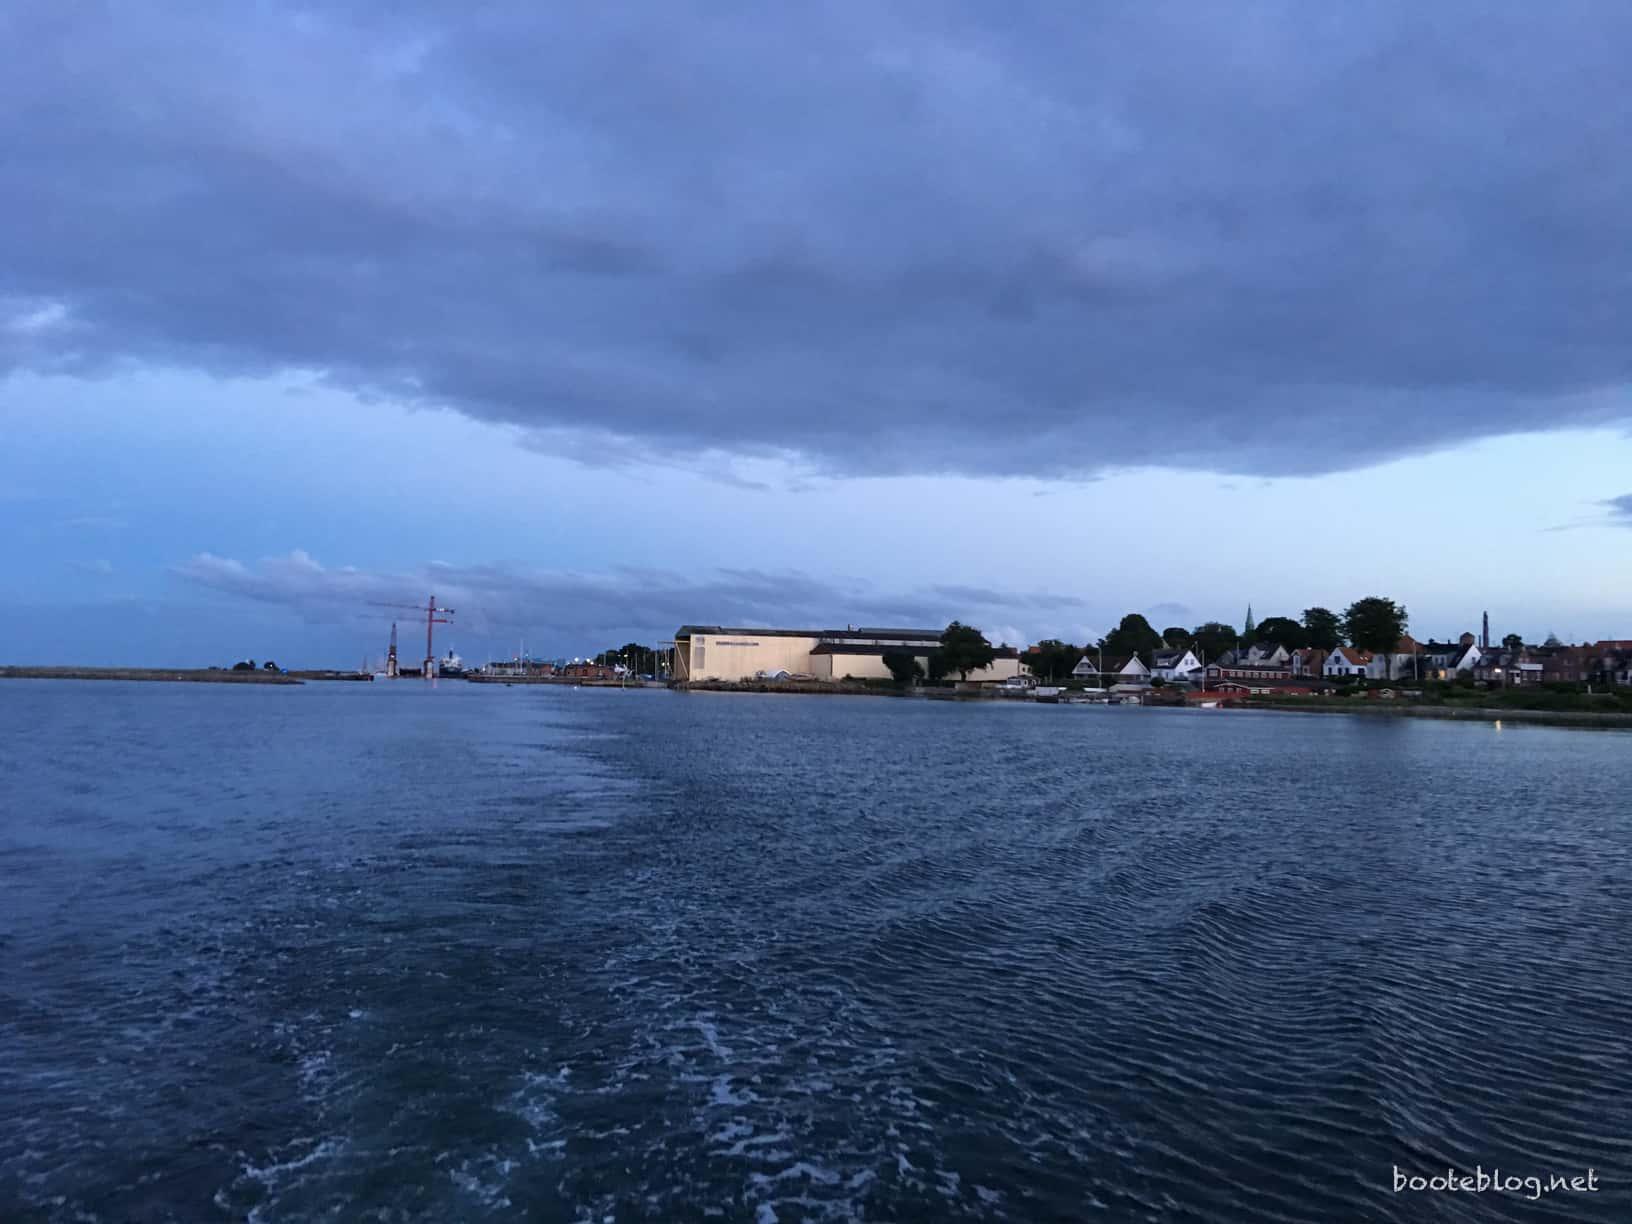 Das abendliche Marstal im Kielwasser.